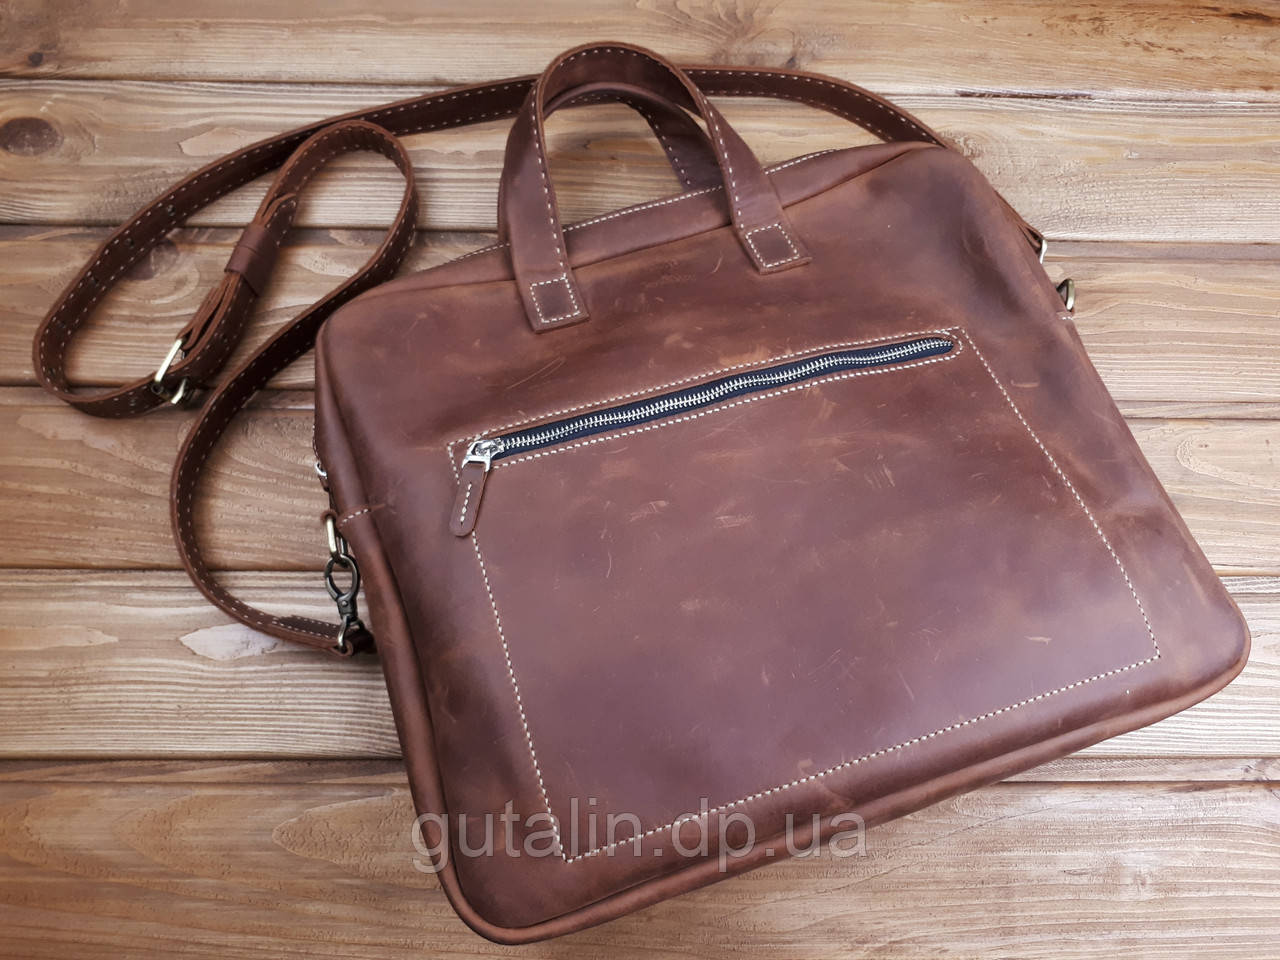 Мужская сумка ручной работы из натуральной кожи Офисная цвет коньяк